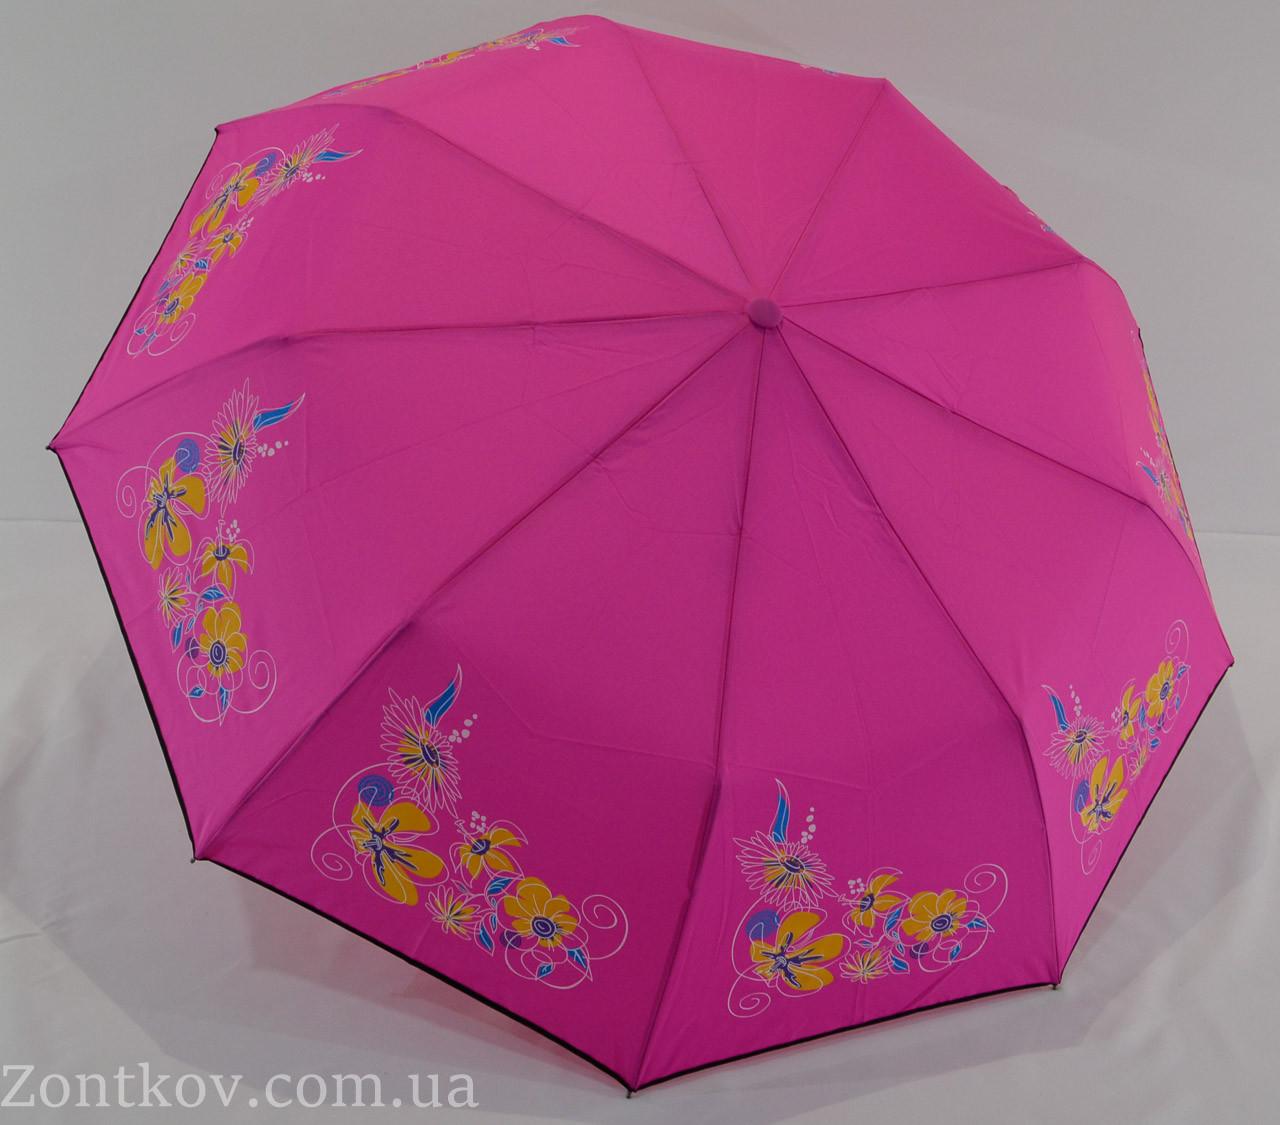 """Жіночий напівавтомат зонт від фірми """"Monsoon""""."""